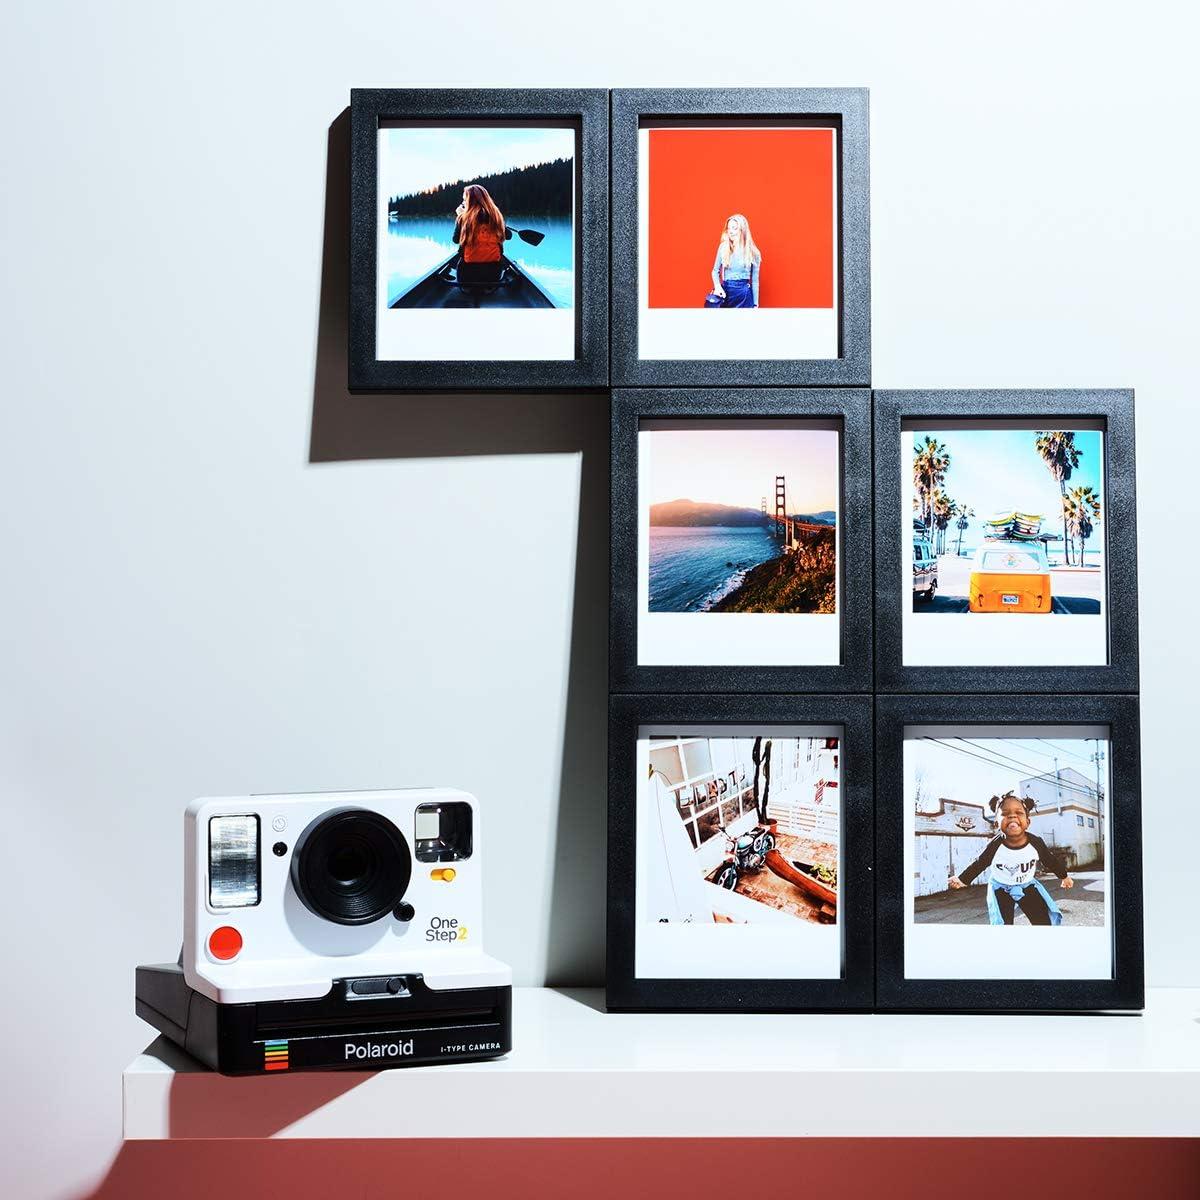 MAGNAFRAME - Marco magnético para fotos instantáneas Polaroid (6 unidades): Amazon.es: Hogar